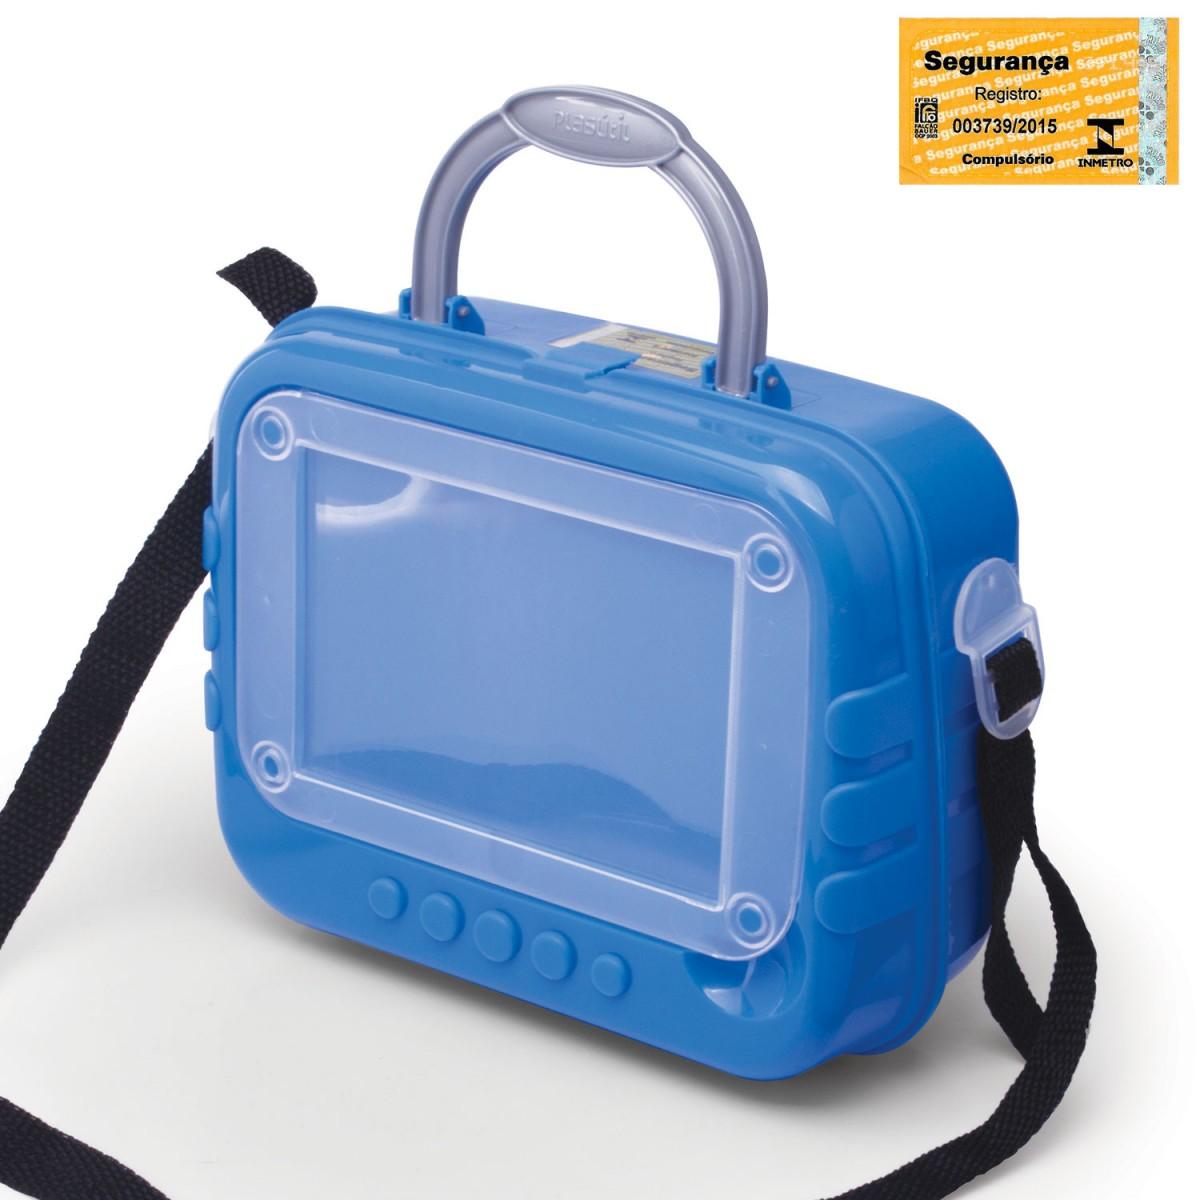 4cd58cc5f Lancheira de Plástico com Porta Foto, Trava e Alças 002889-630 - Azul -  Loja Plasútil